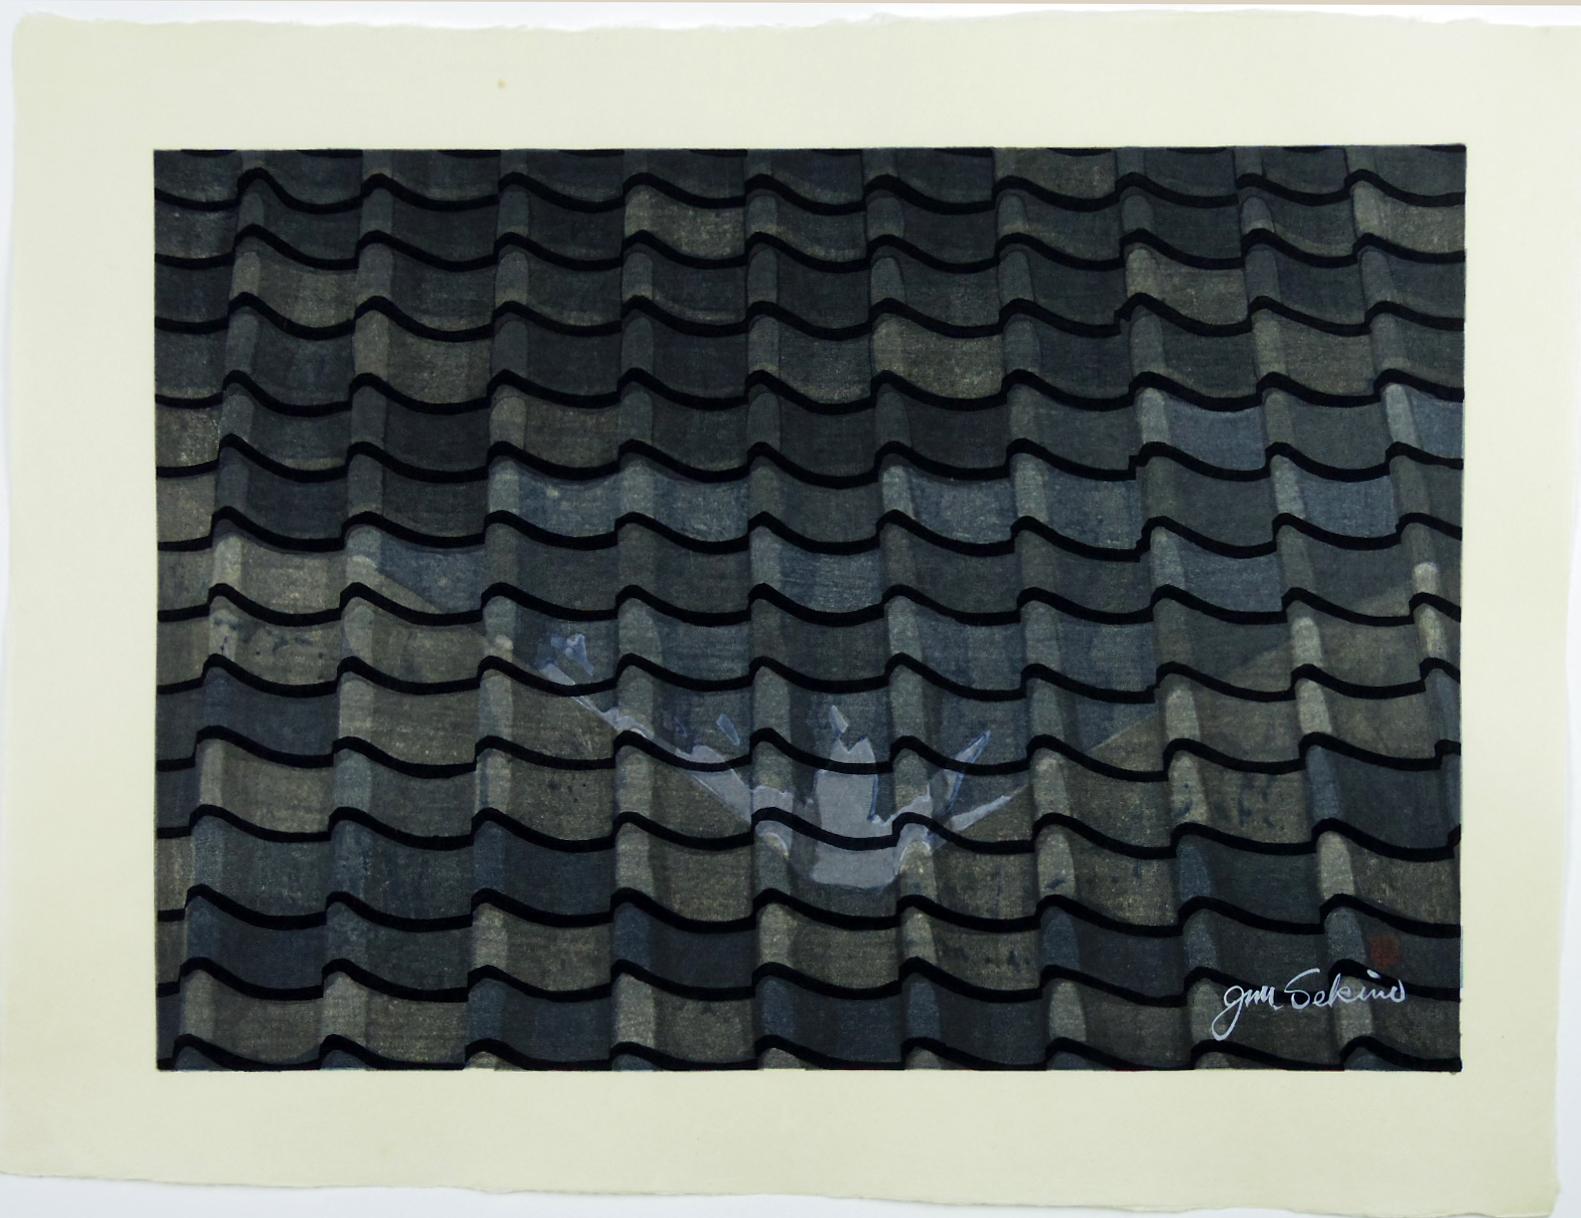 Junichiro Sekino Hara Roof-Tile Reflection of Mt. Fuji